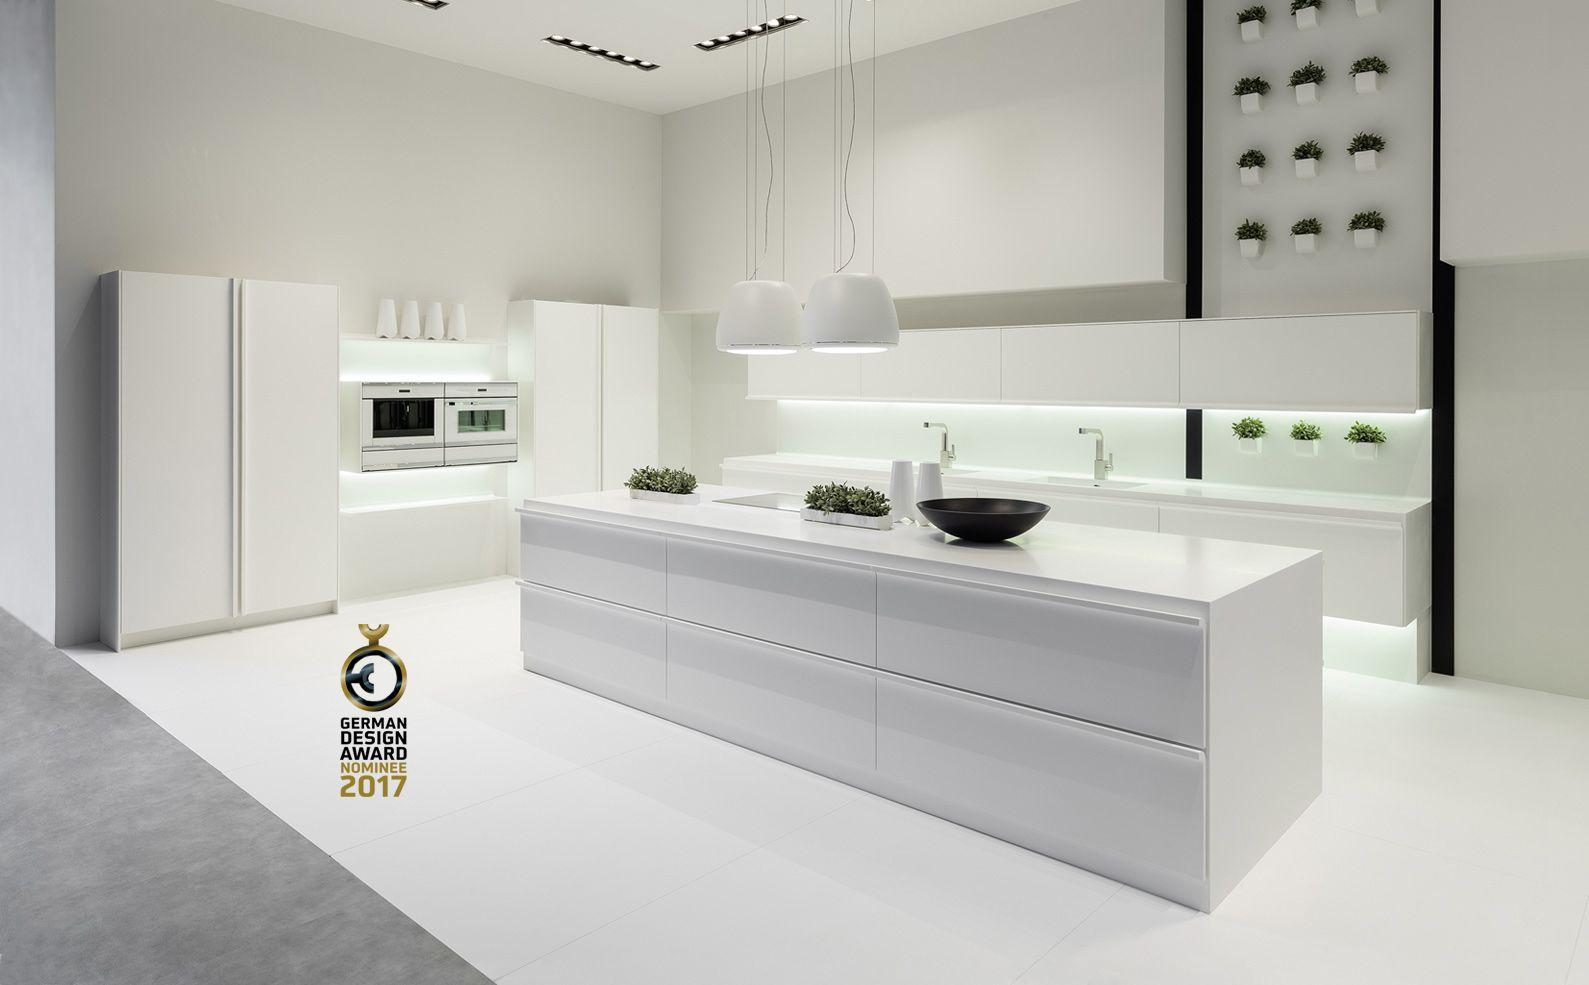 rational einbauküchen - | cucine | Pinterest | {Einbauküchen 2016 9}